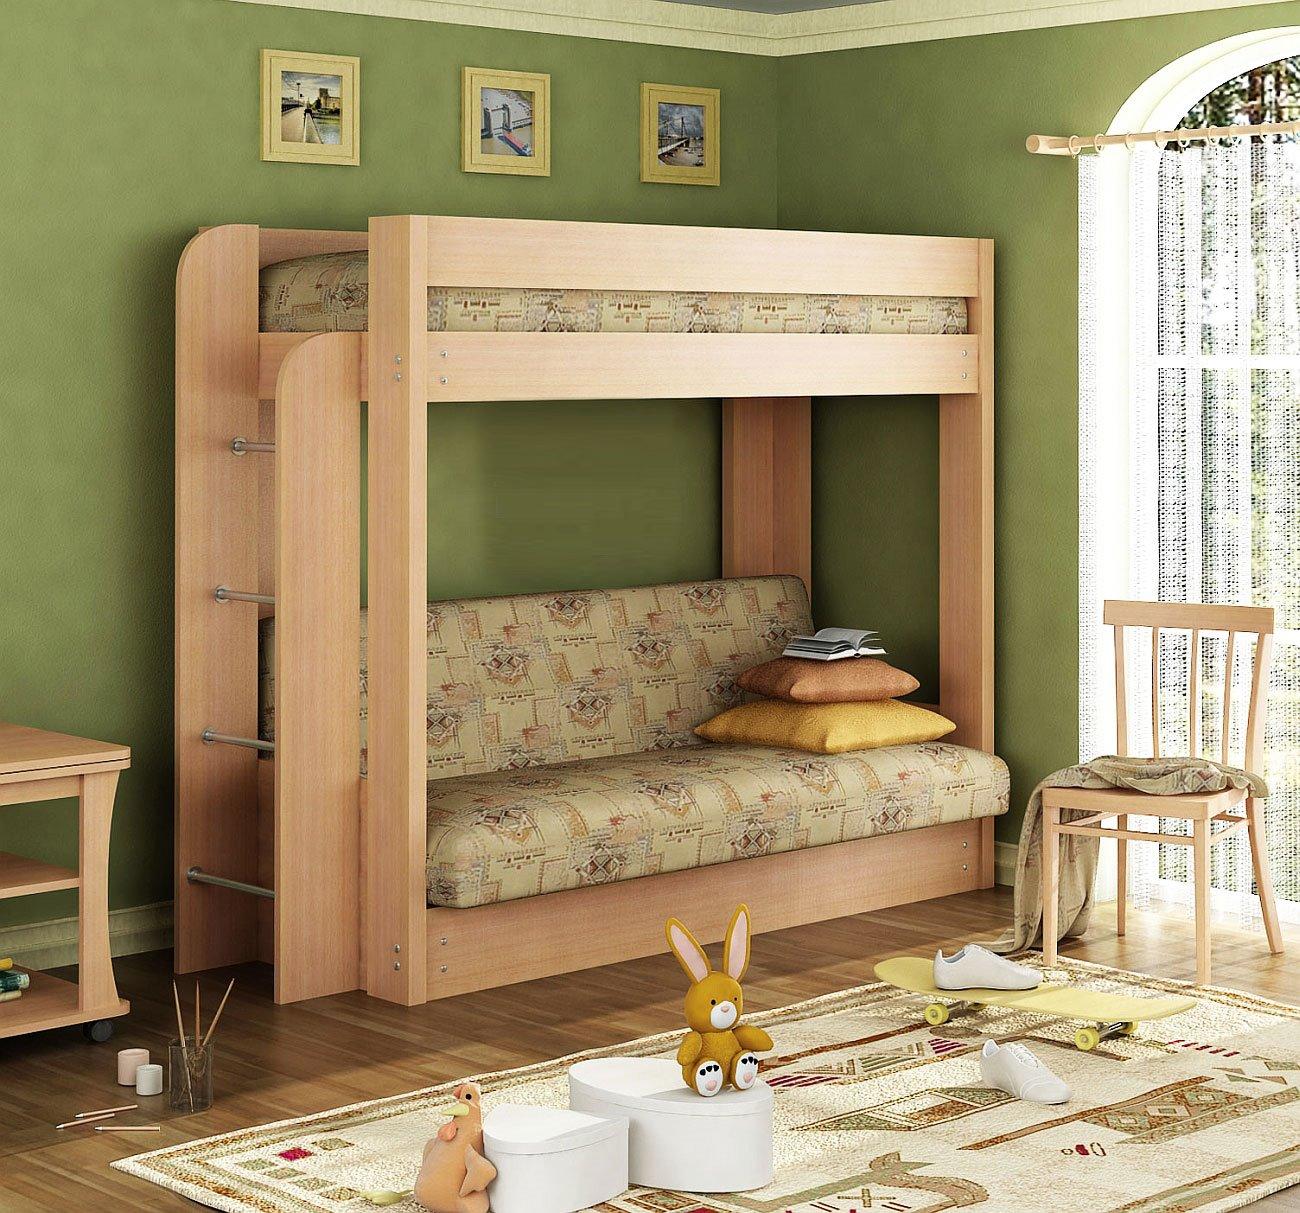 Двухъярусная кровать для детей с диваном внизу (24)